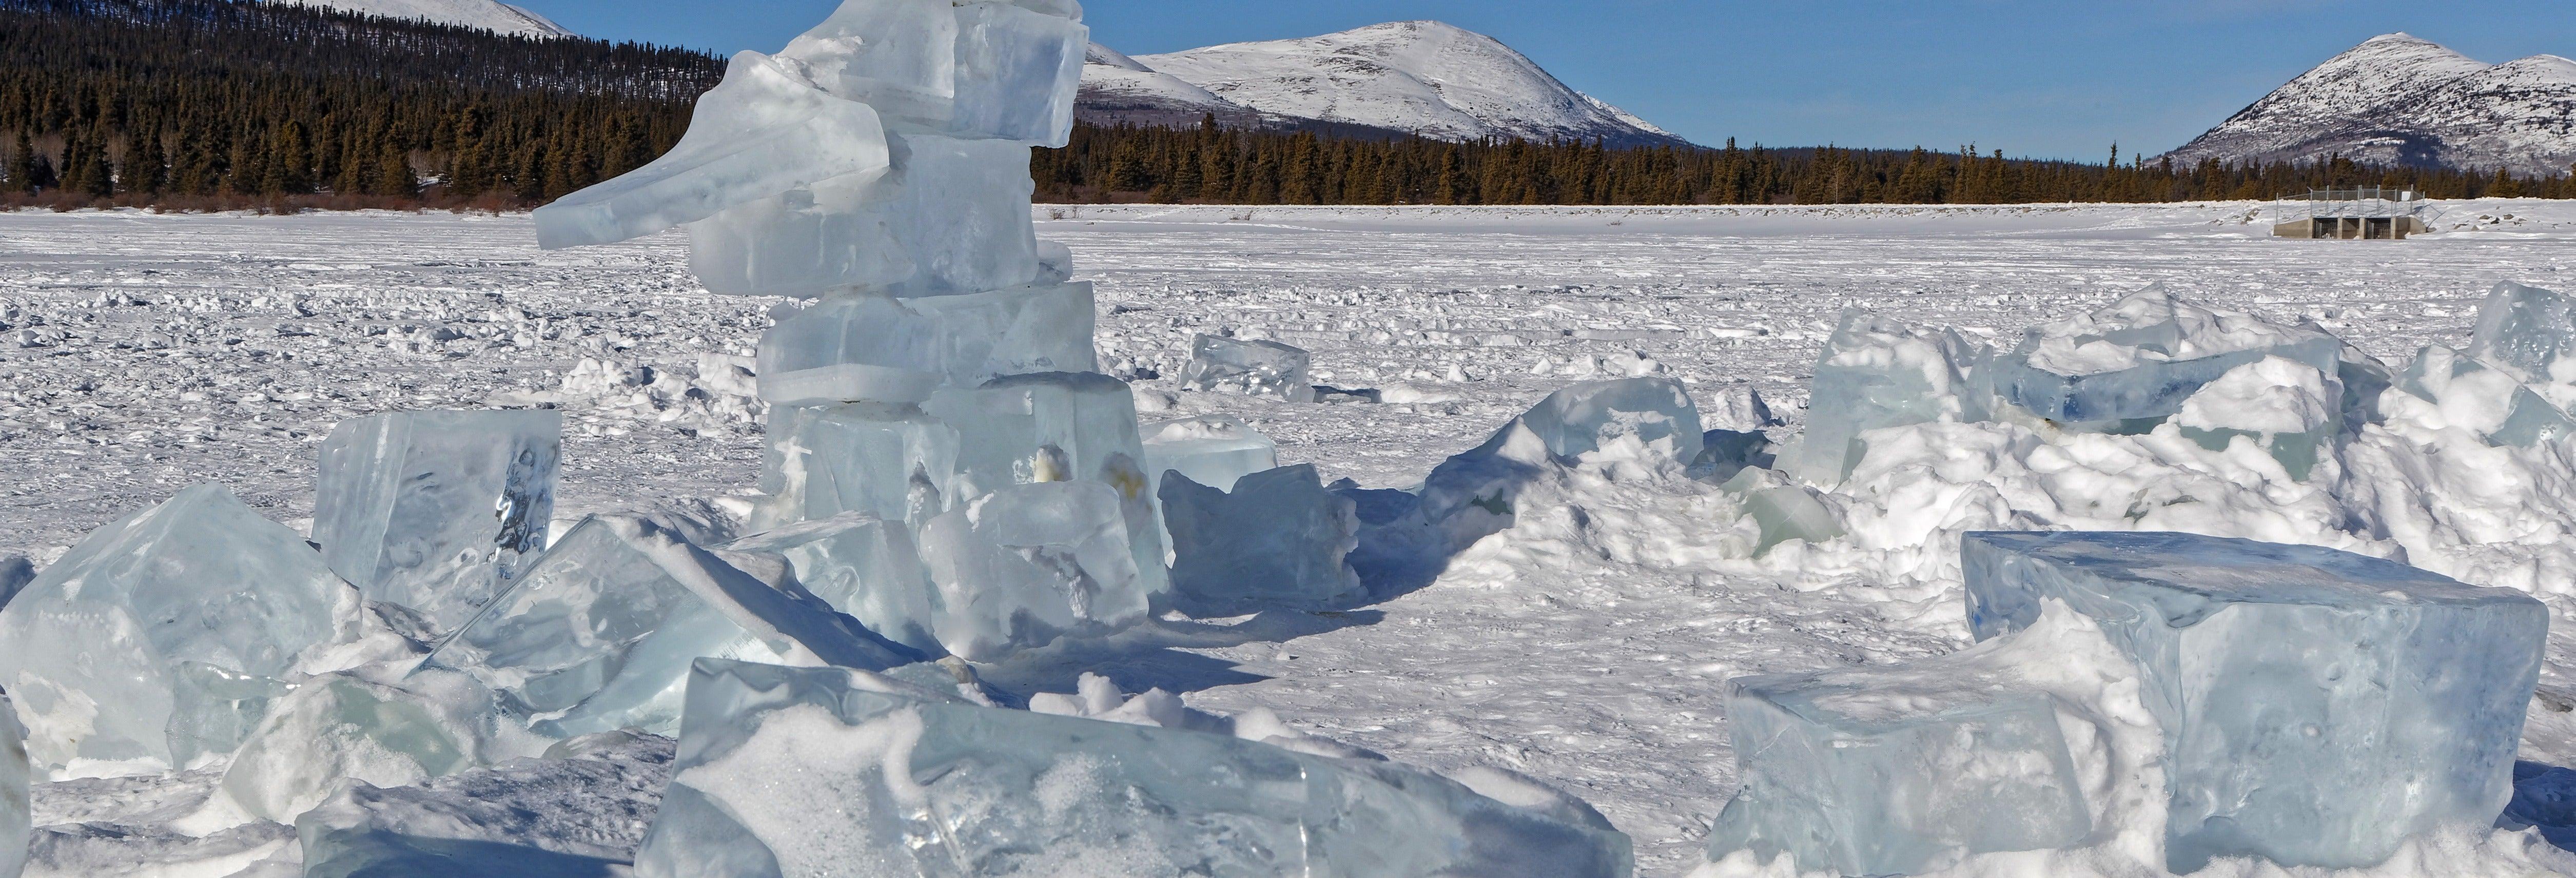 Whitehorse Ice Fishing